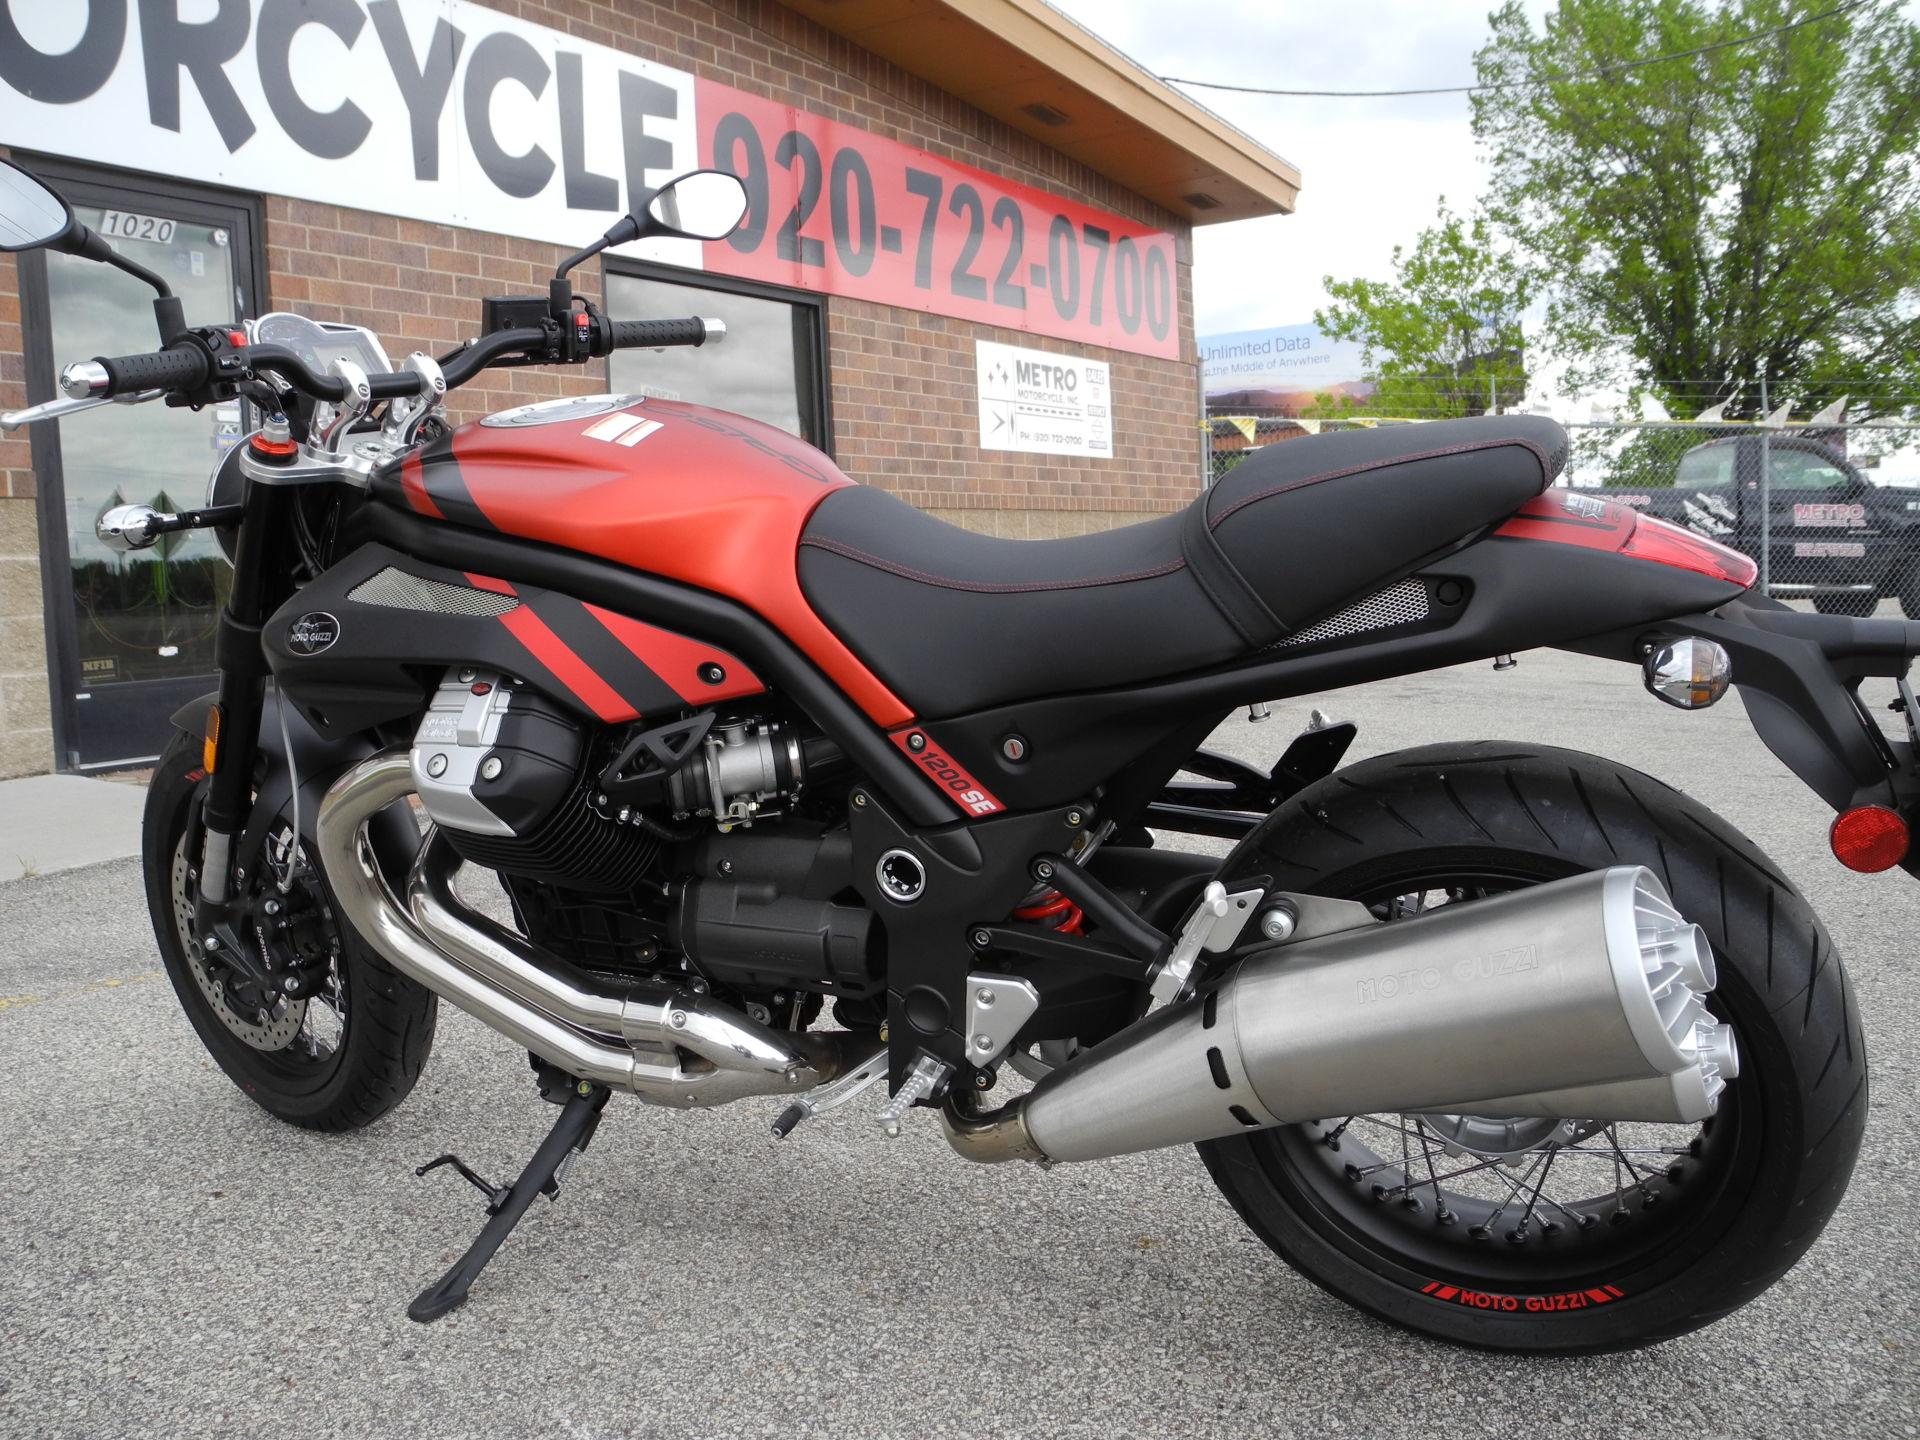 2016 Moto Guzzi Griso 1200